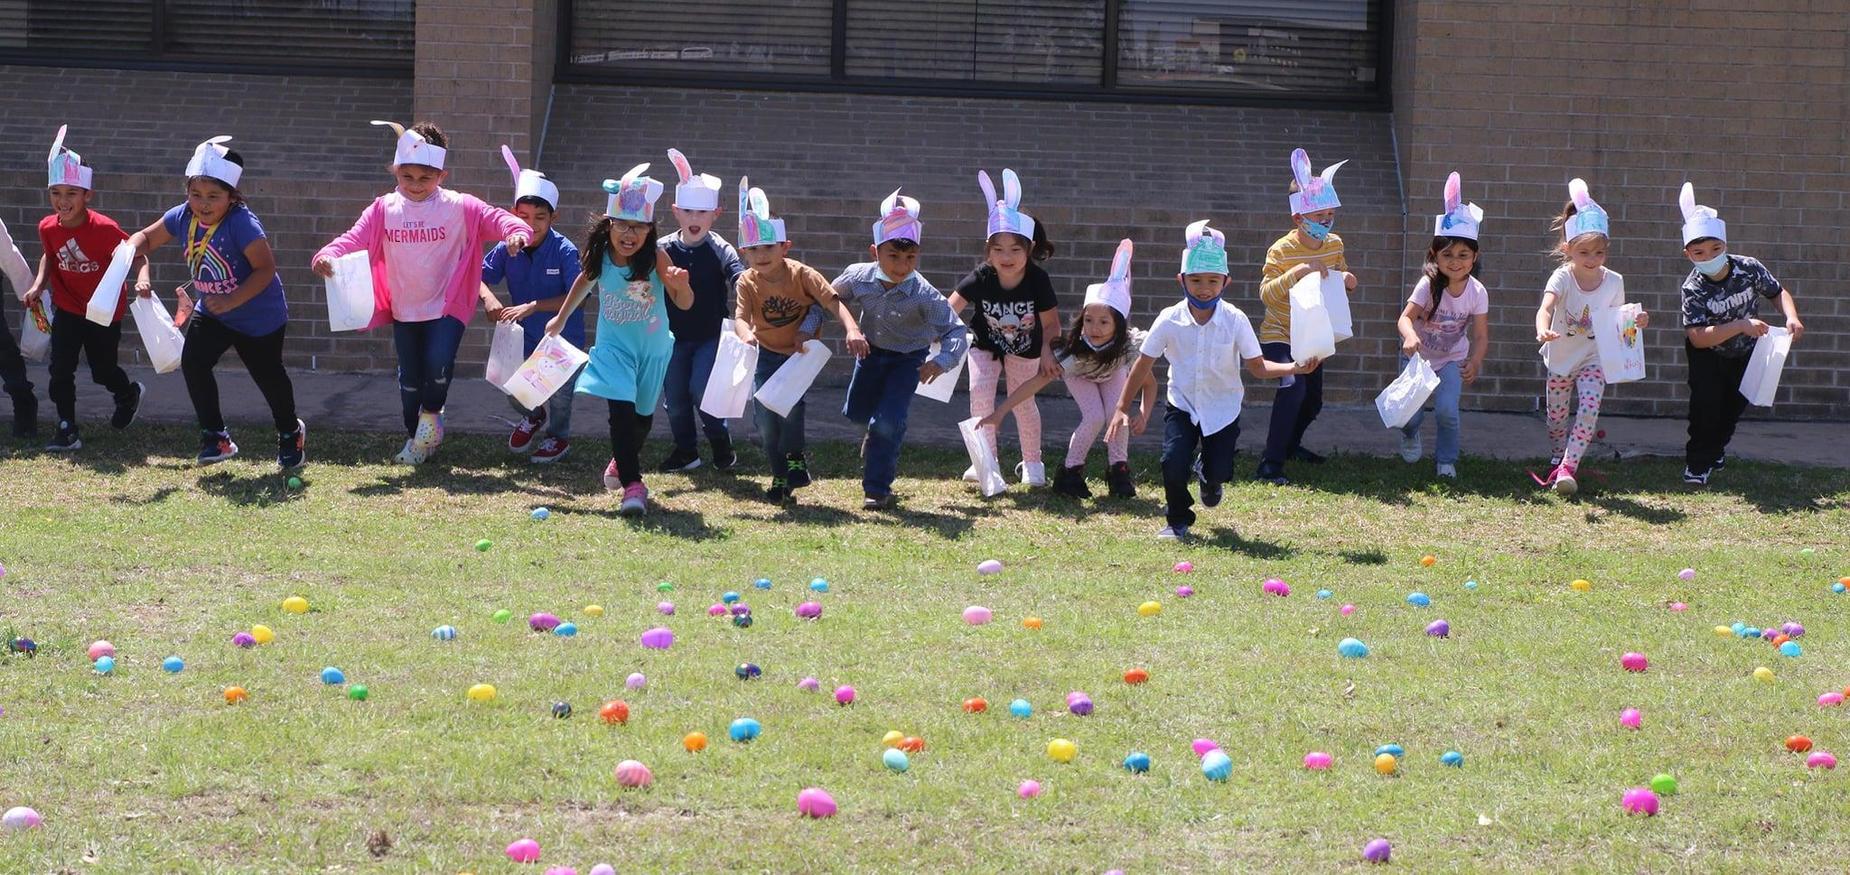 kinder students hunt for numbered easter eggs